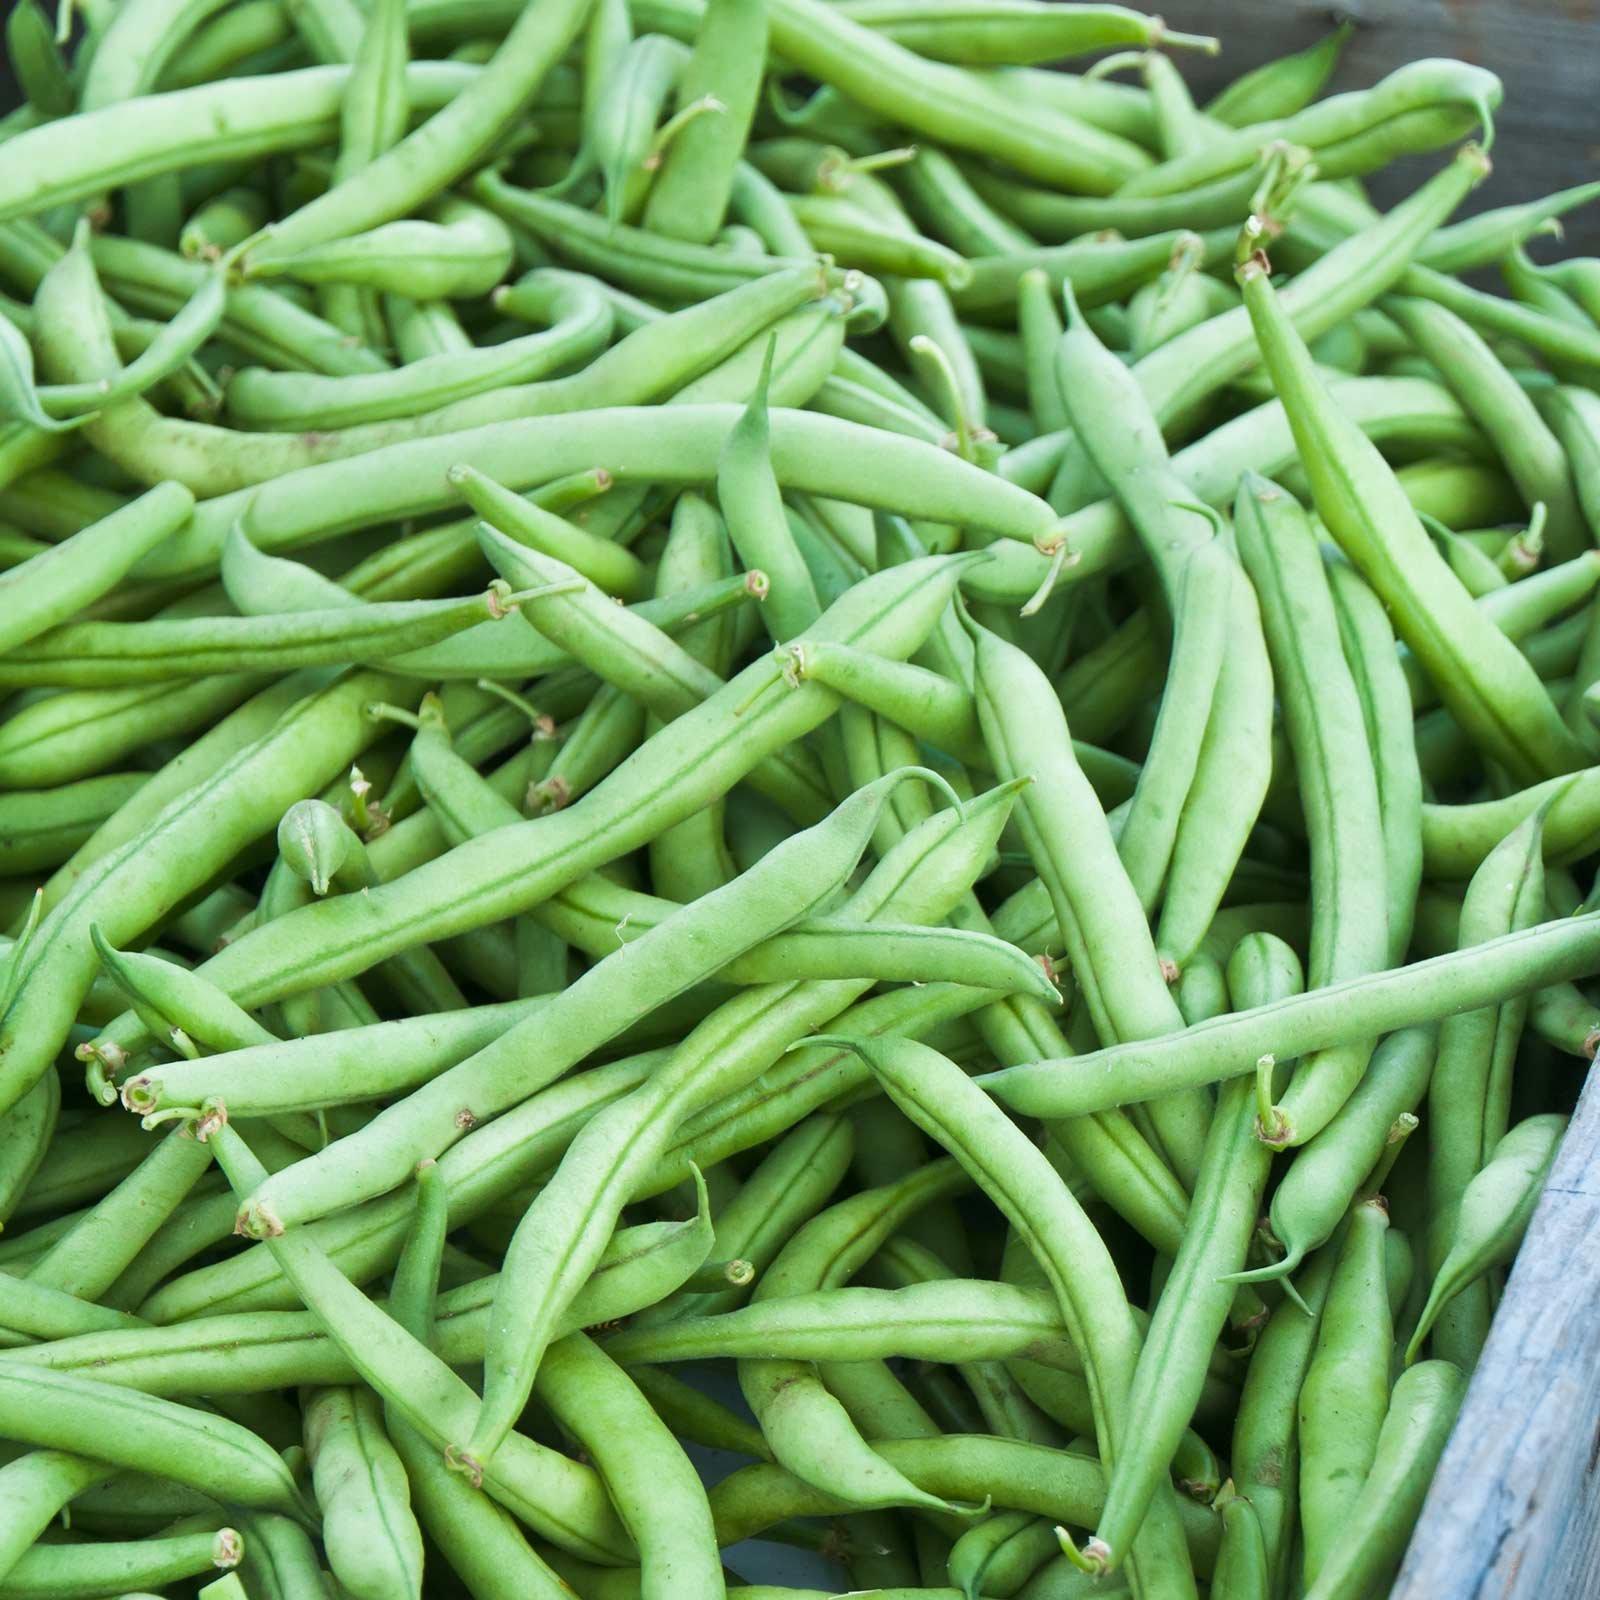 Strike Bush Bean Seeds - 1 Lb - Non-GMO, Heirloom Green Snap Bean Seeds - Vegetable Garden Seeds